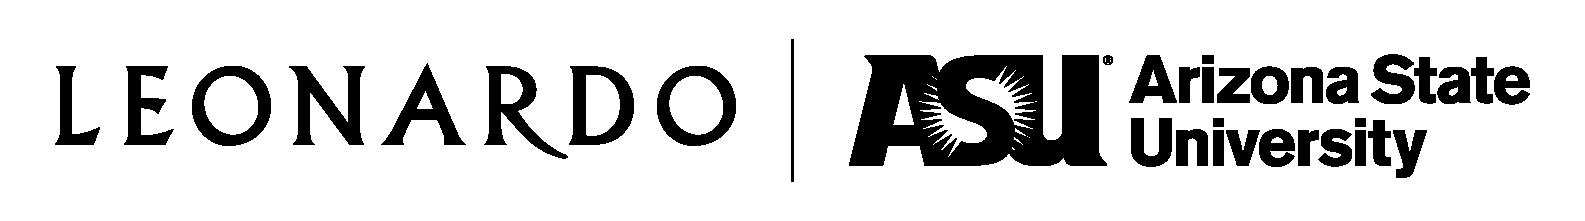 Leonardo ASU Logo